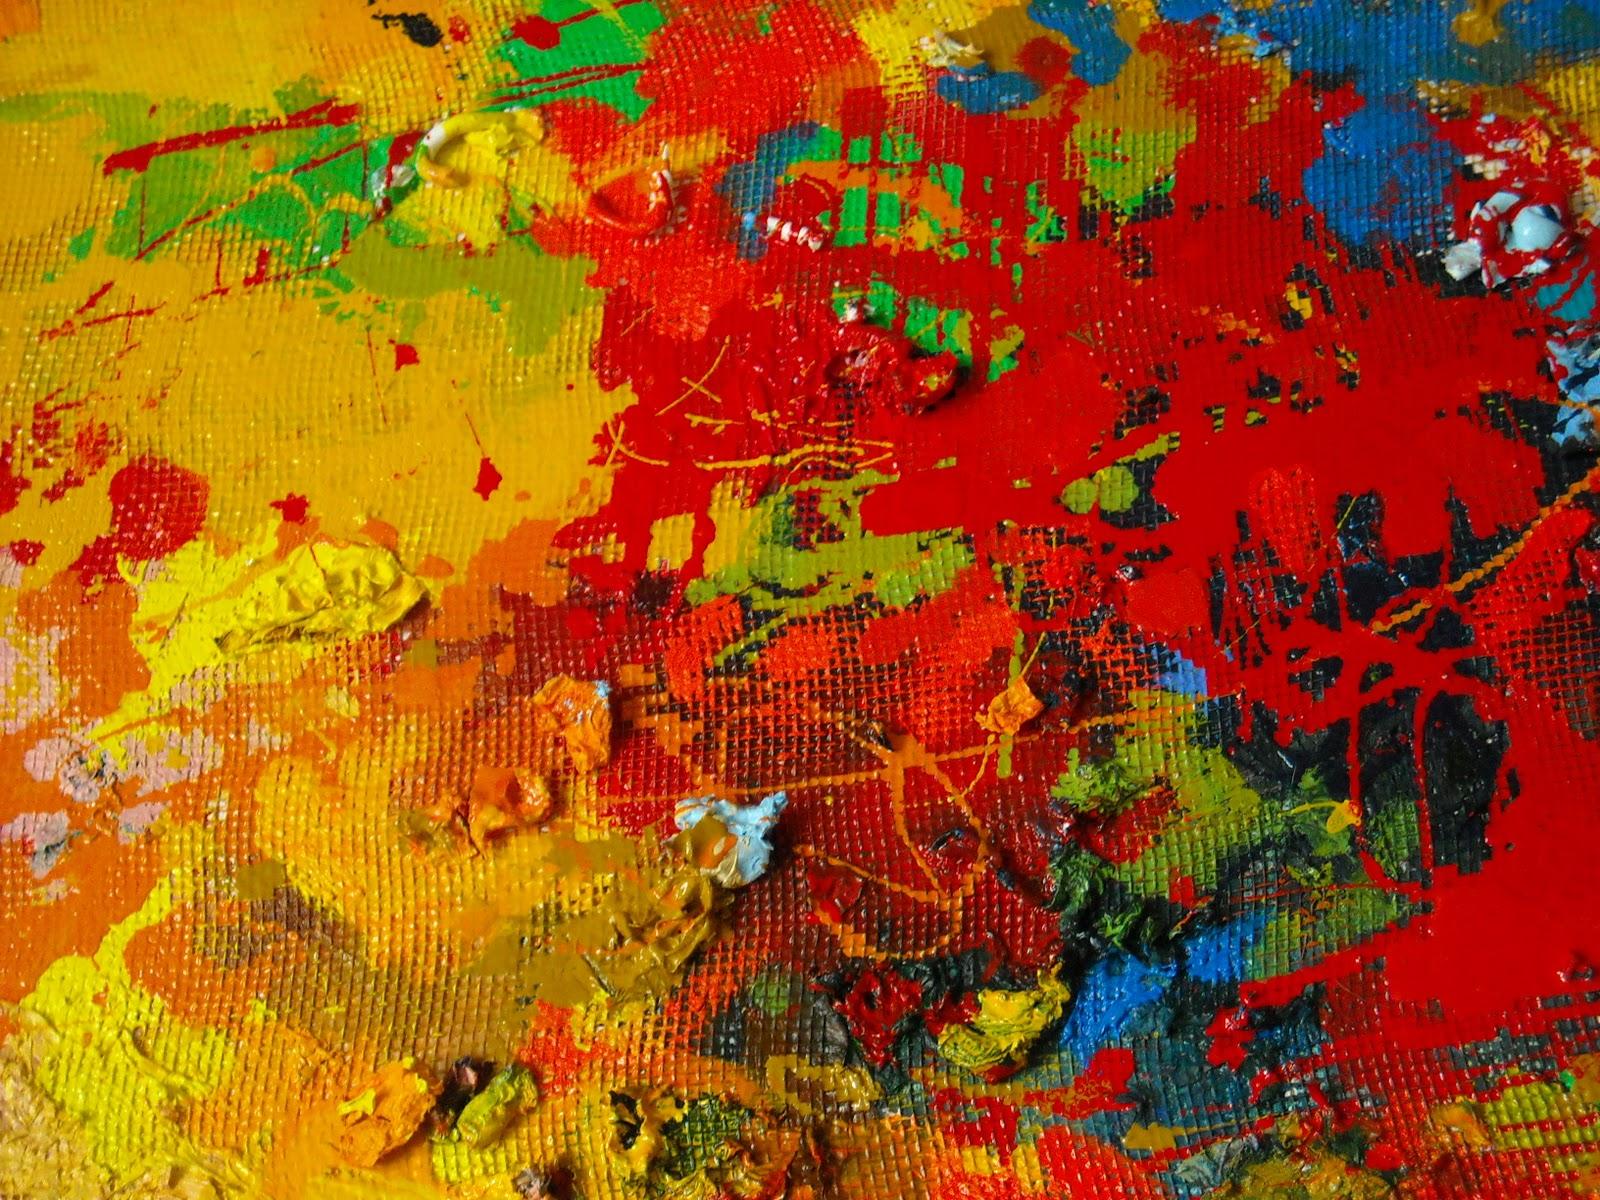 Parlando darte: quadro astratto tecnica mista su tela 35x50